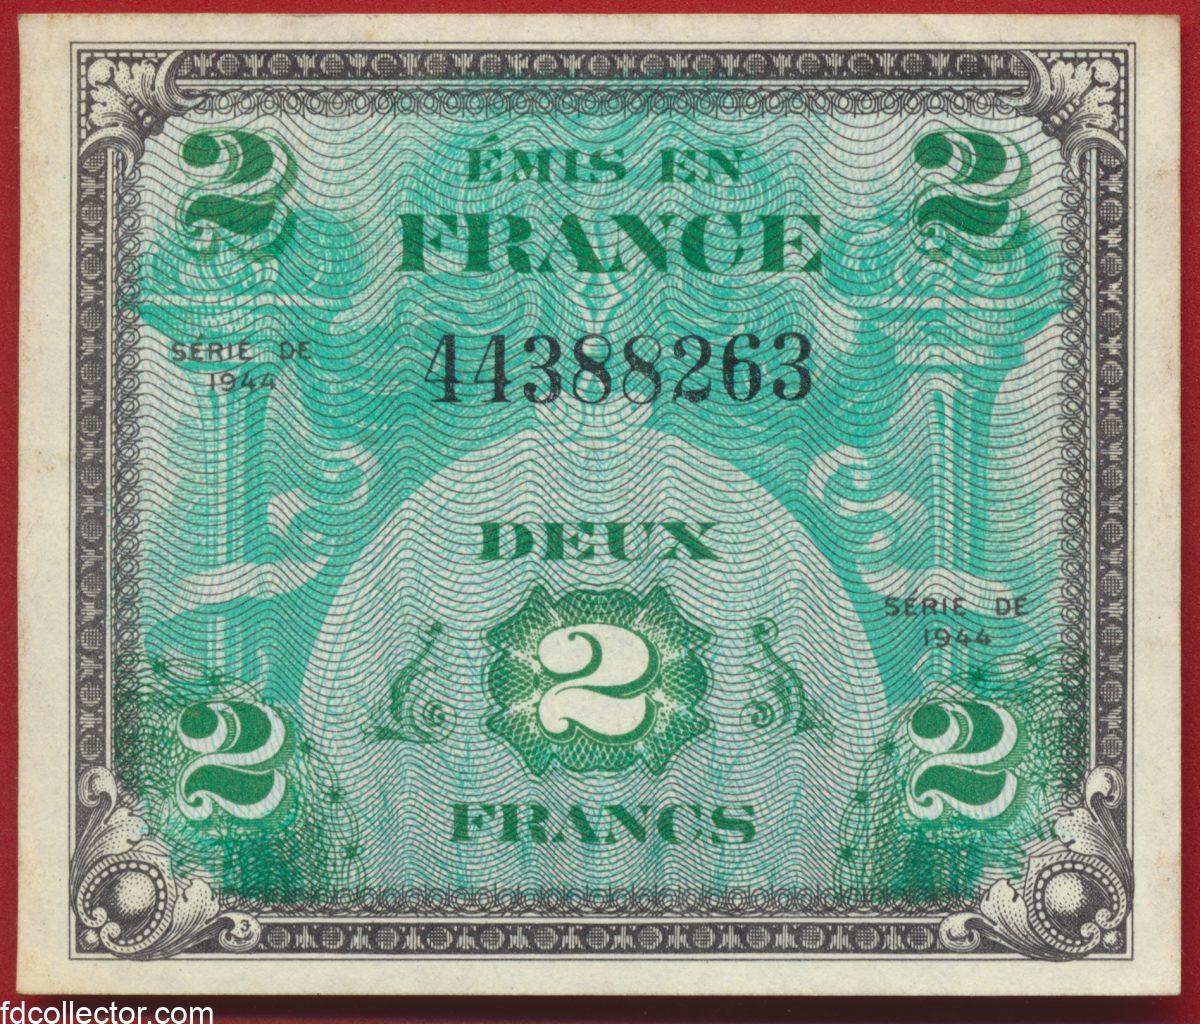 2-francs-drapeau-1944-44388563